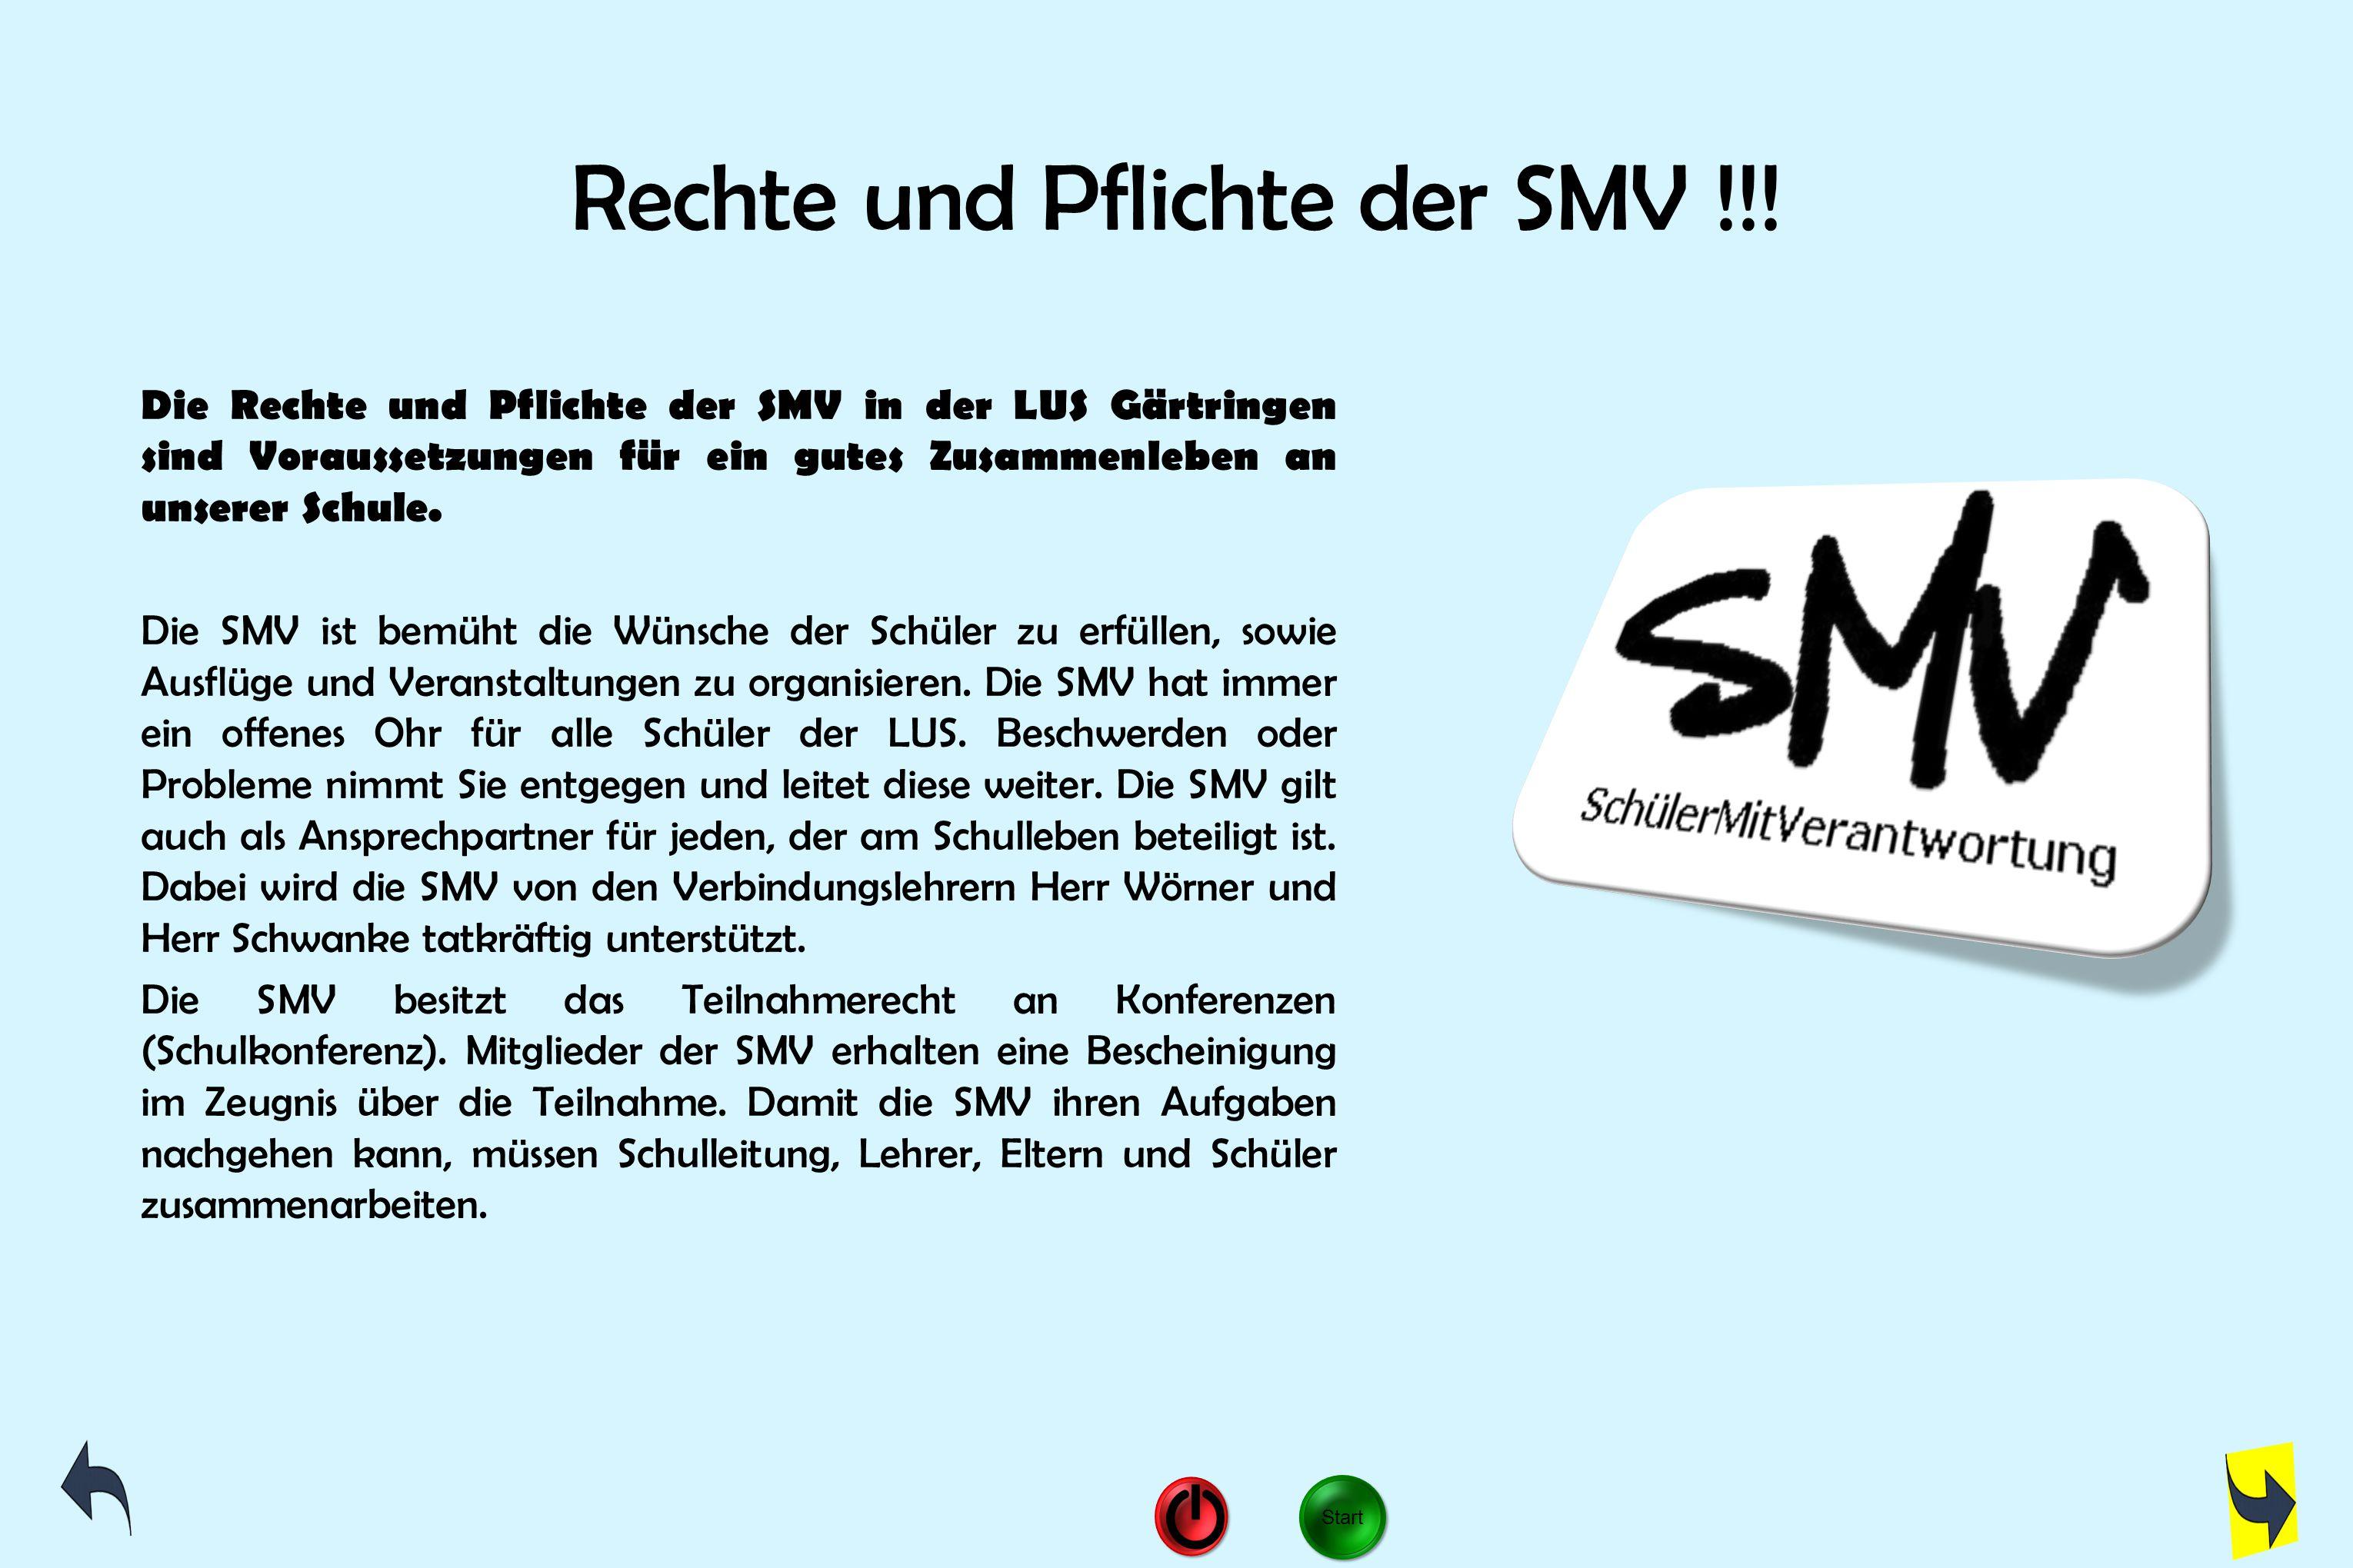 Rechte und Pflichte der SMV !!! Die Rechte und Pflichte der SMV in der LUS Gärtringen sind Voraussetzungen für ein gutes Zusammenleben an unserer Schu